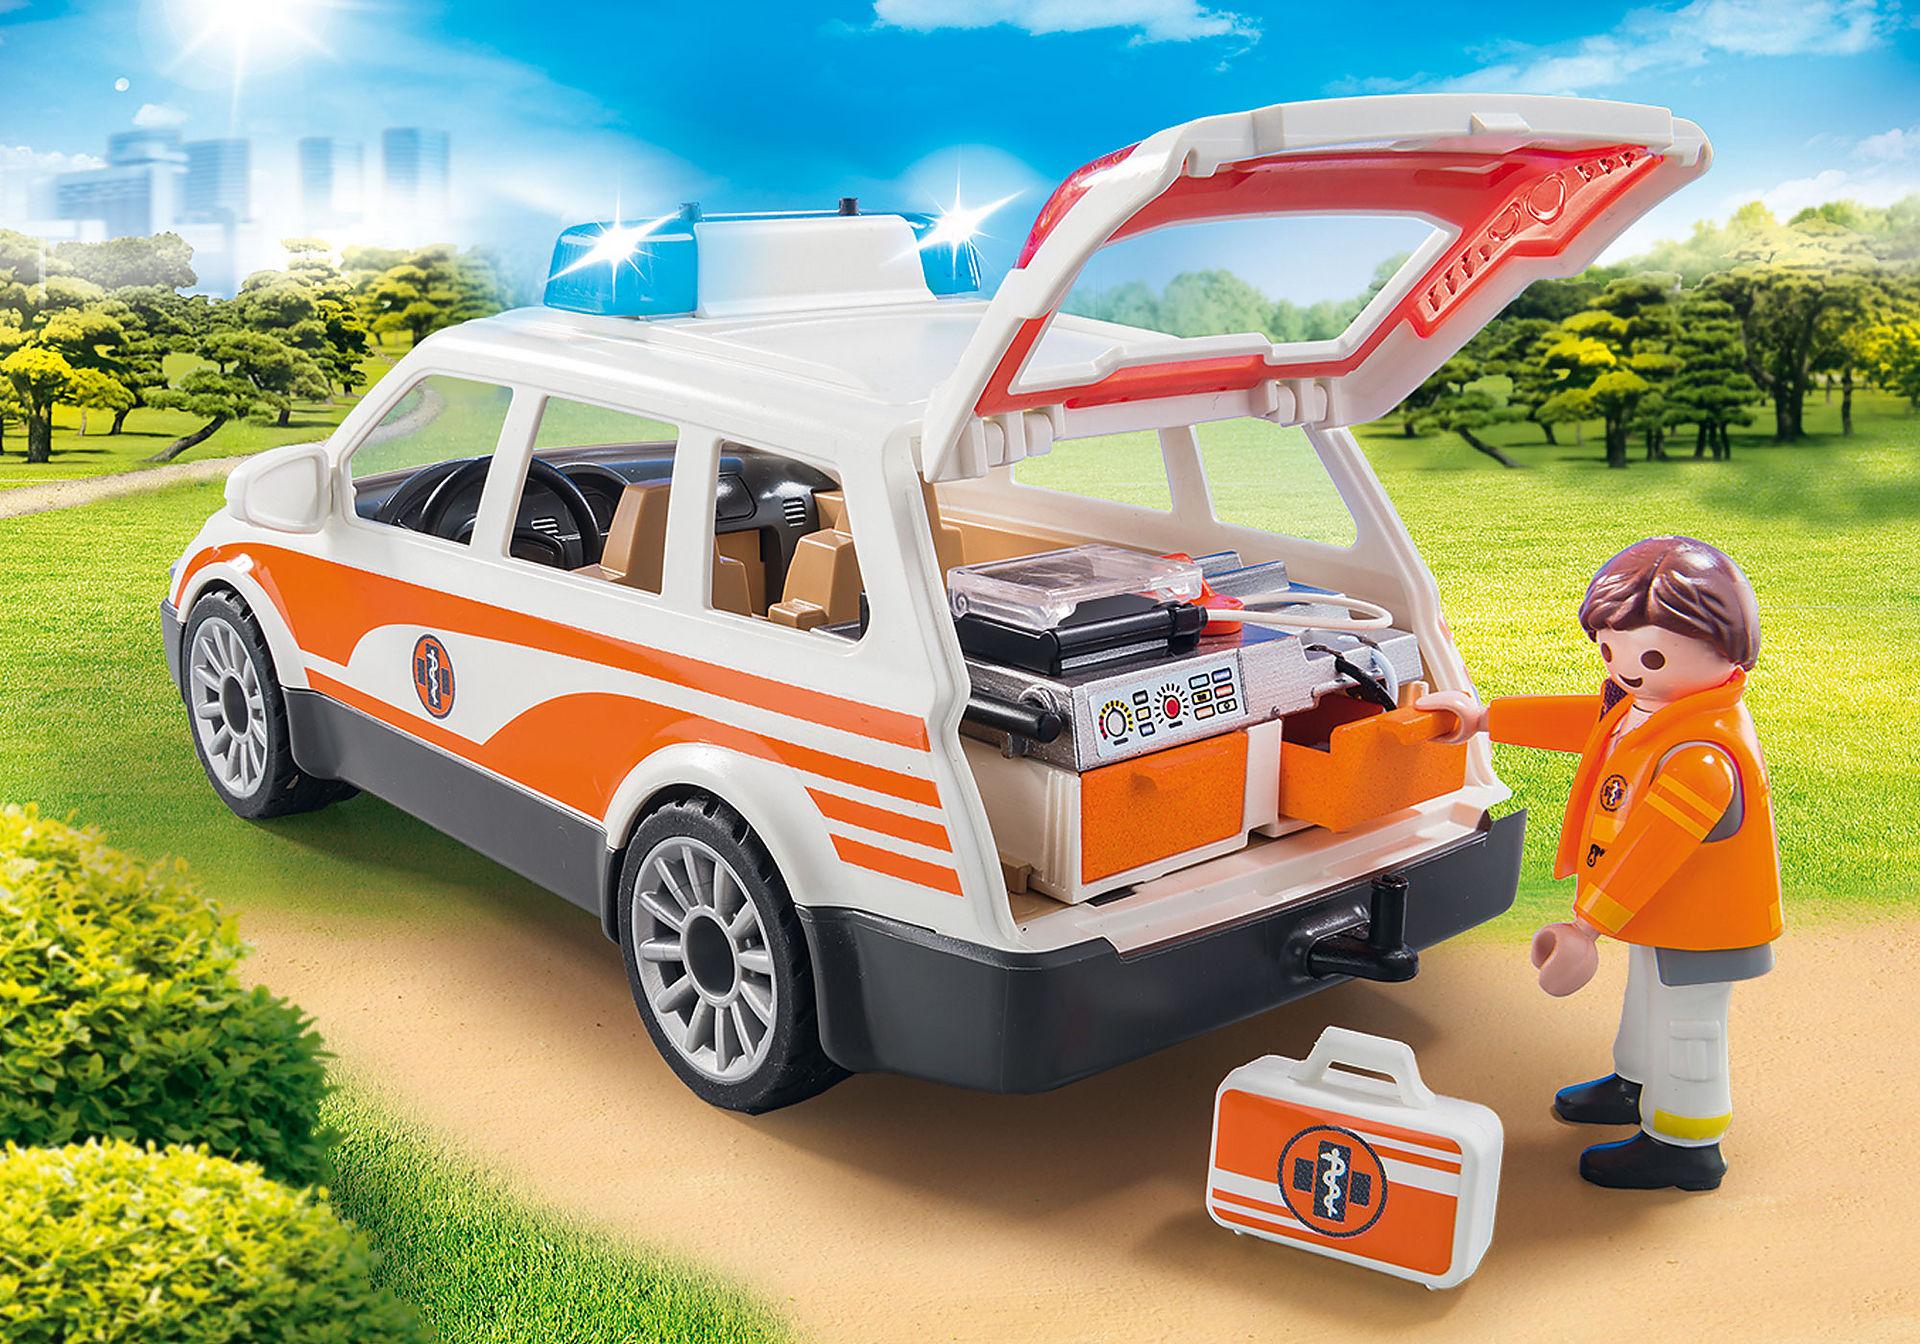 70050 Samochód ratowniczy ze światłem i dźwiękiem zoom image4